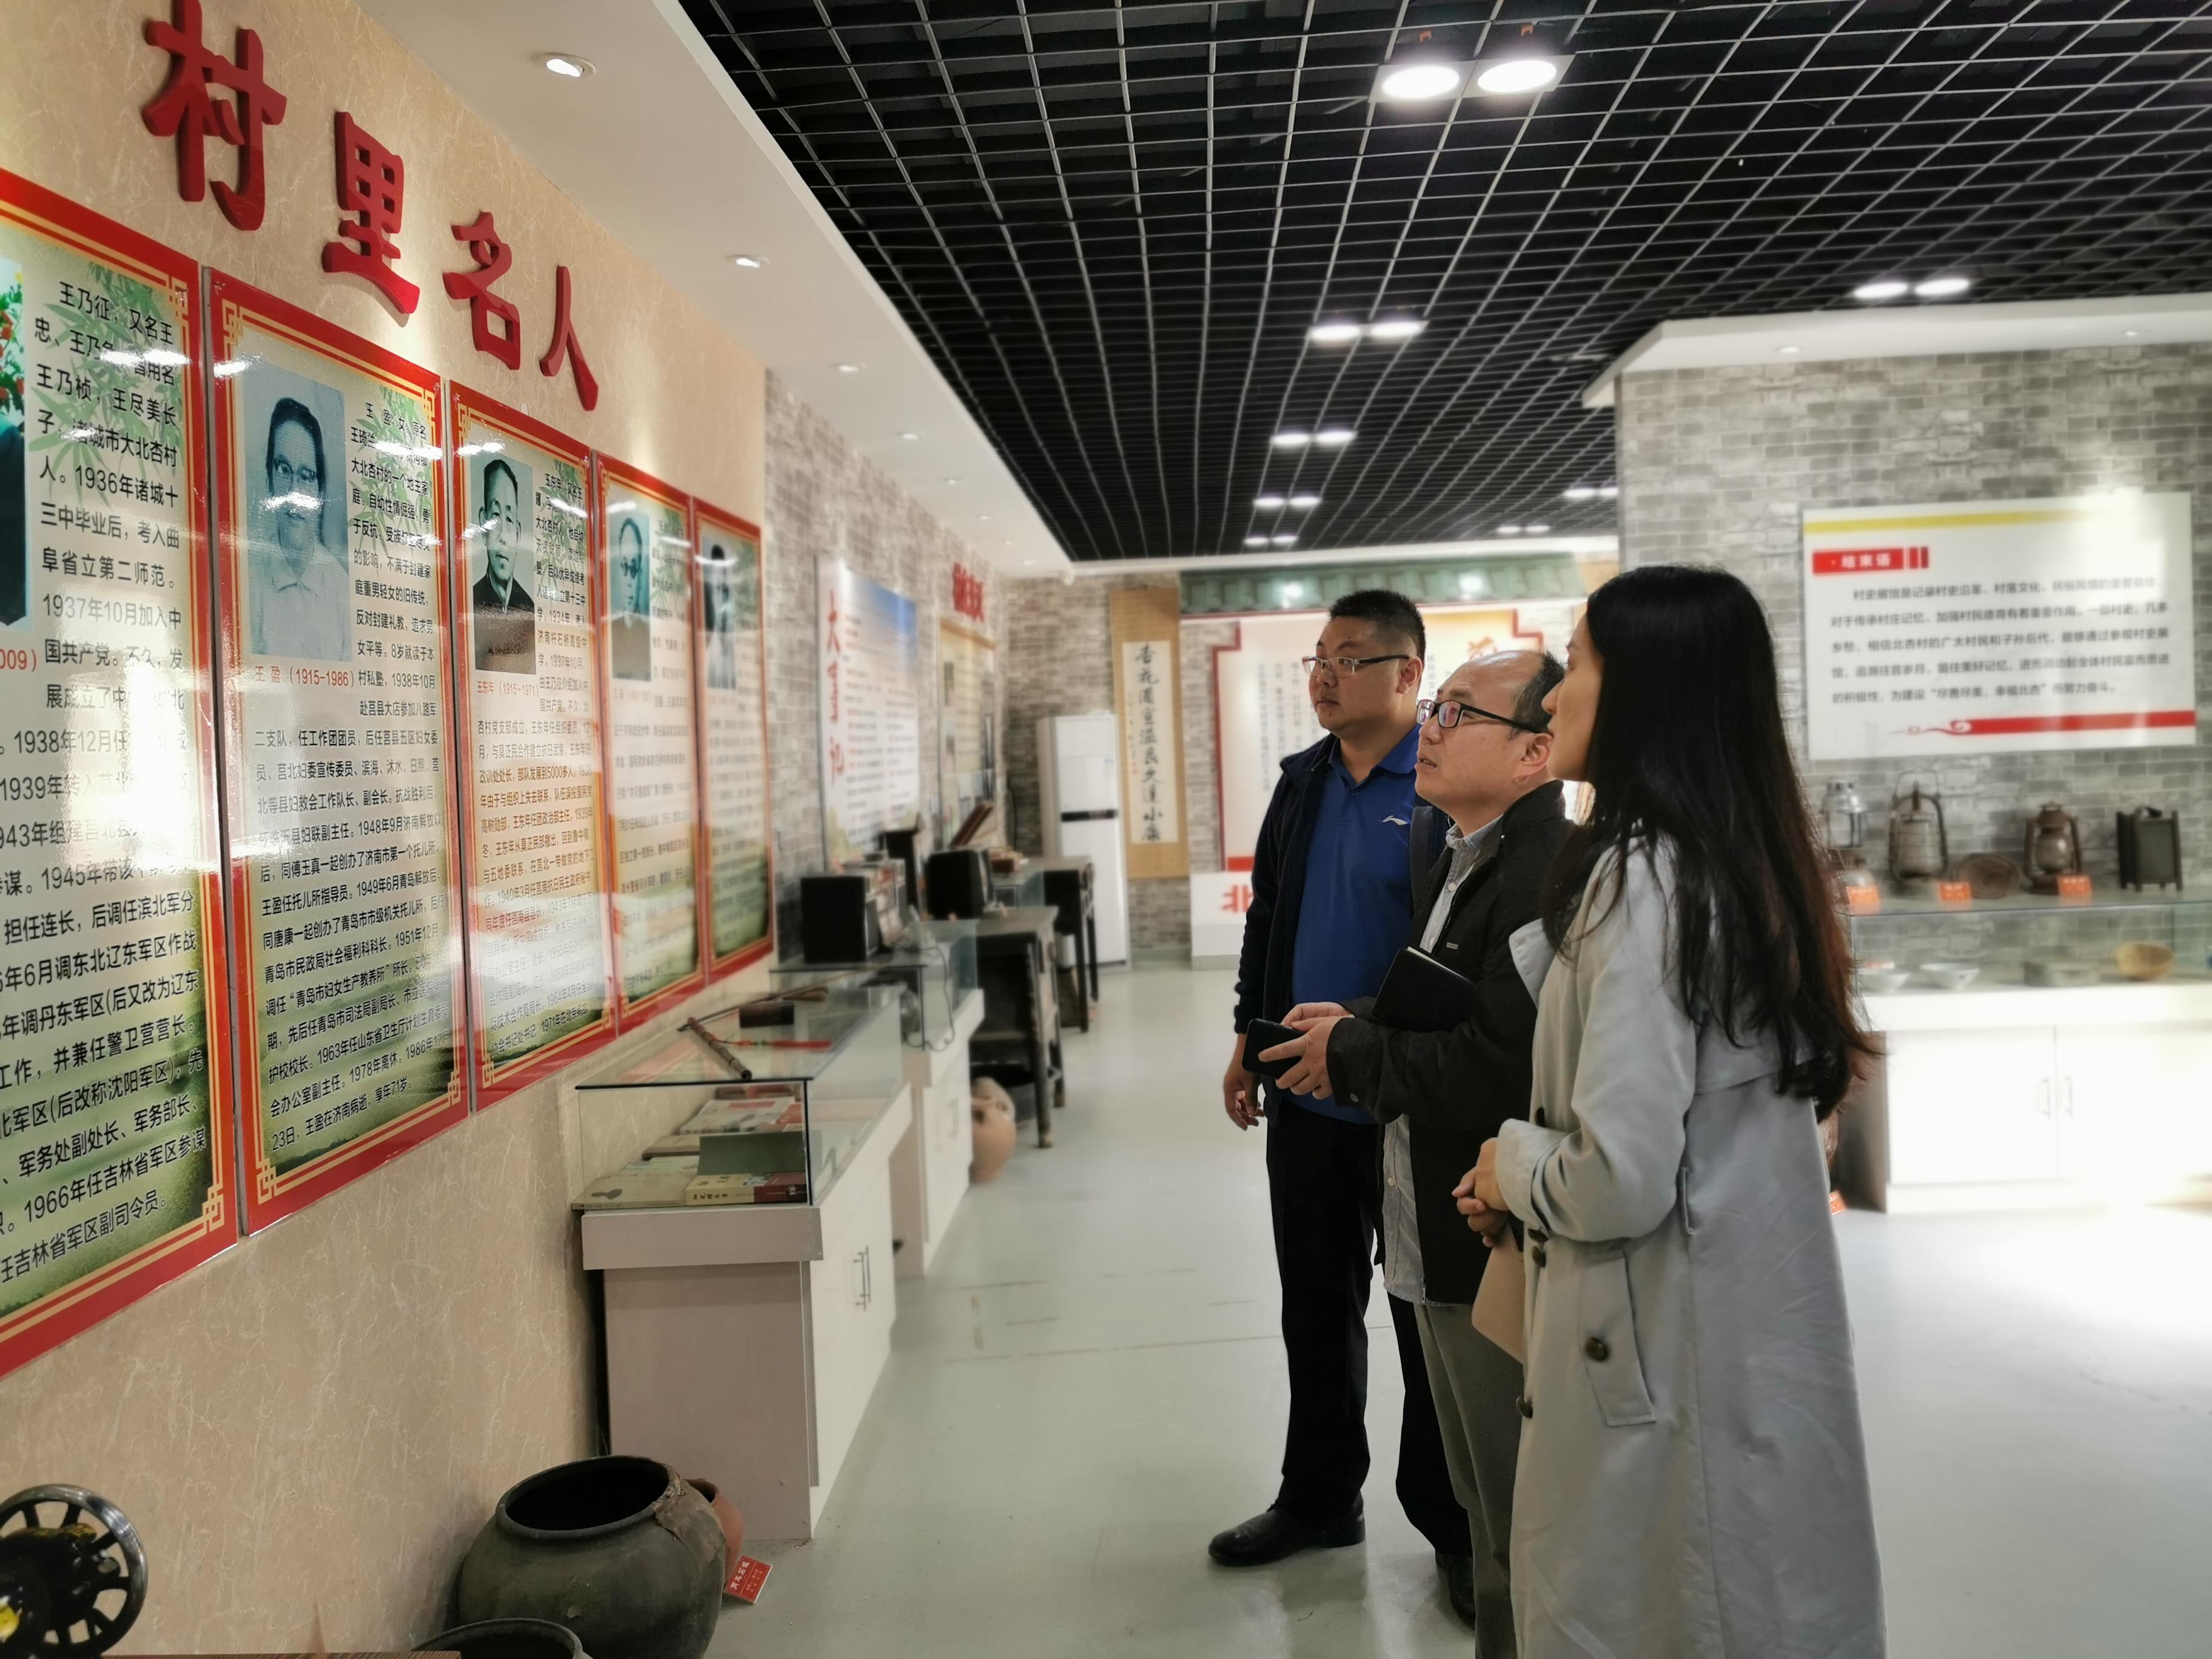 联系点记者参观北杏村史展馆